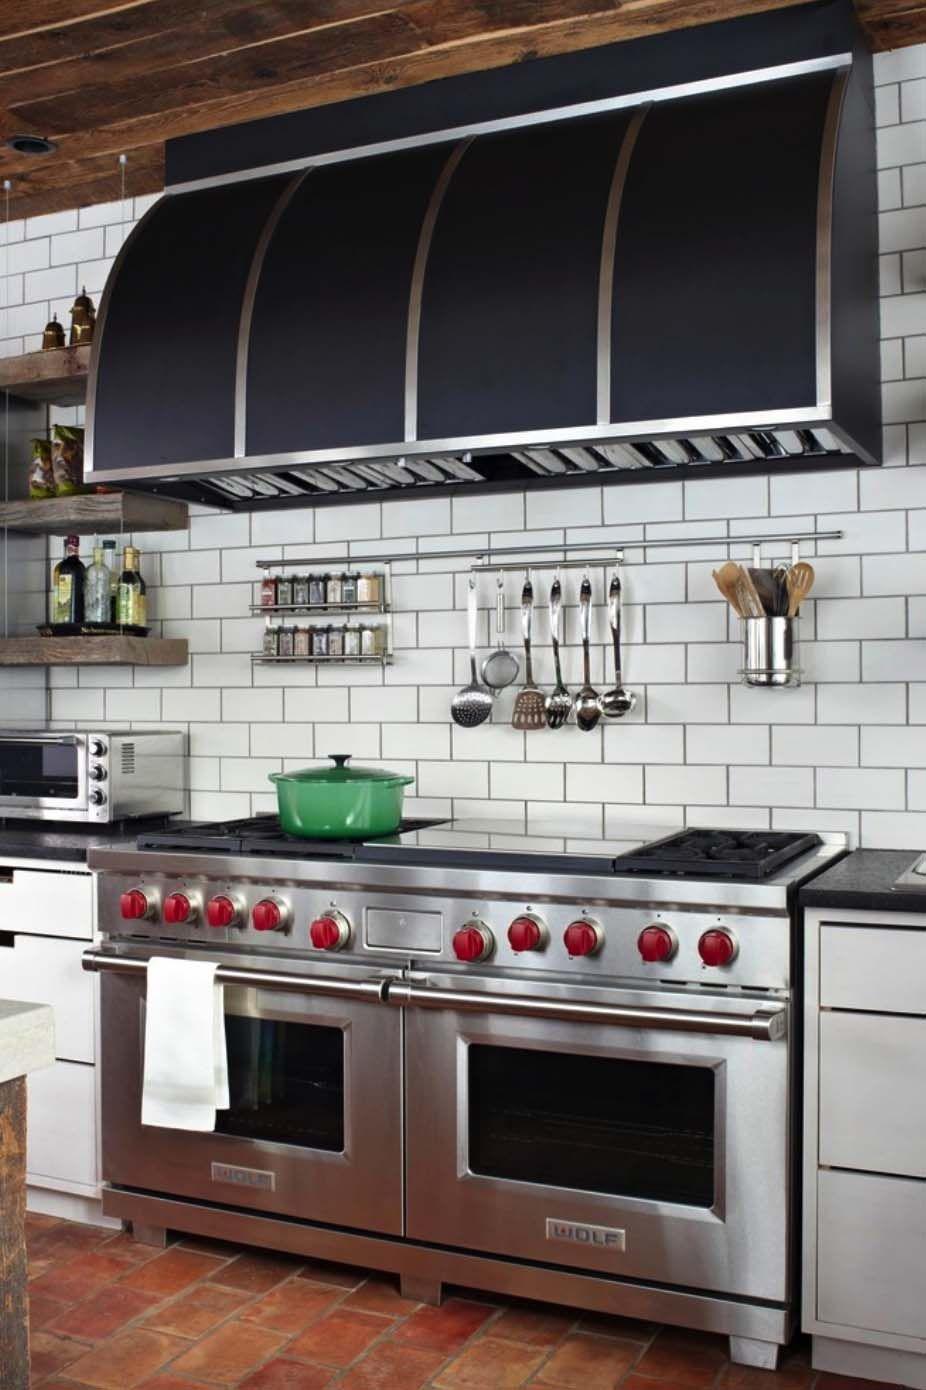 A Stunning European Style Cottage In Chicago S North Shore Kitchen Remodel Kitchen Tiles Backsplash Outdoor Kitchen Appliances